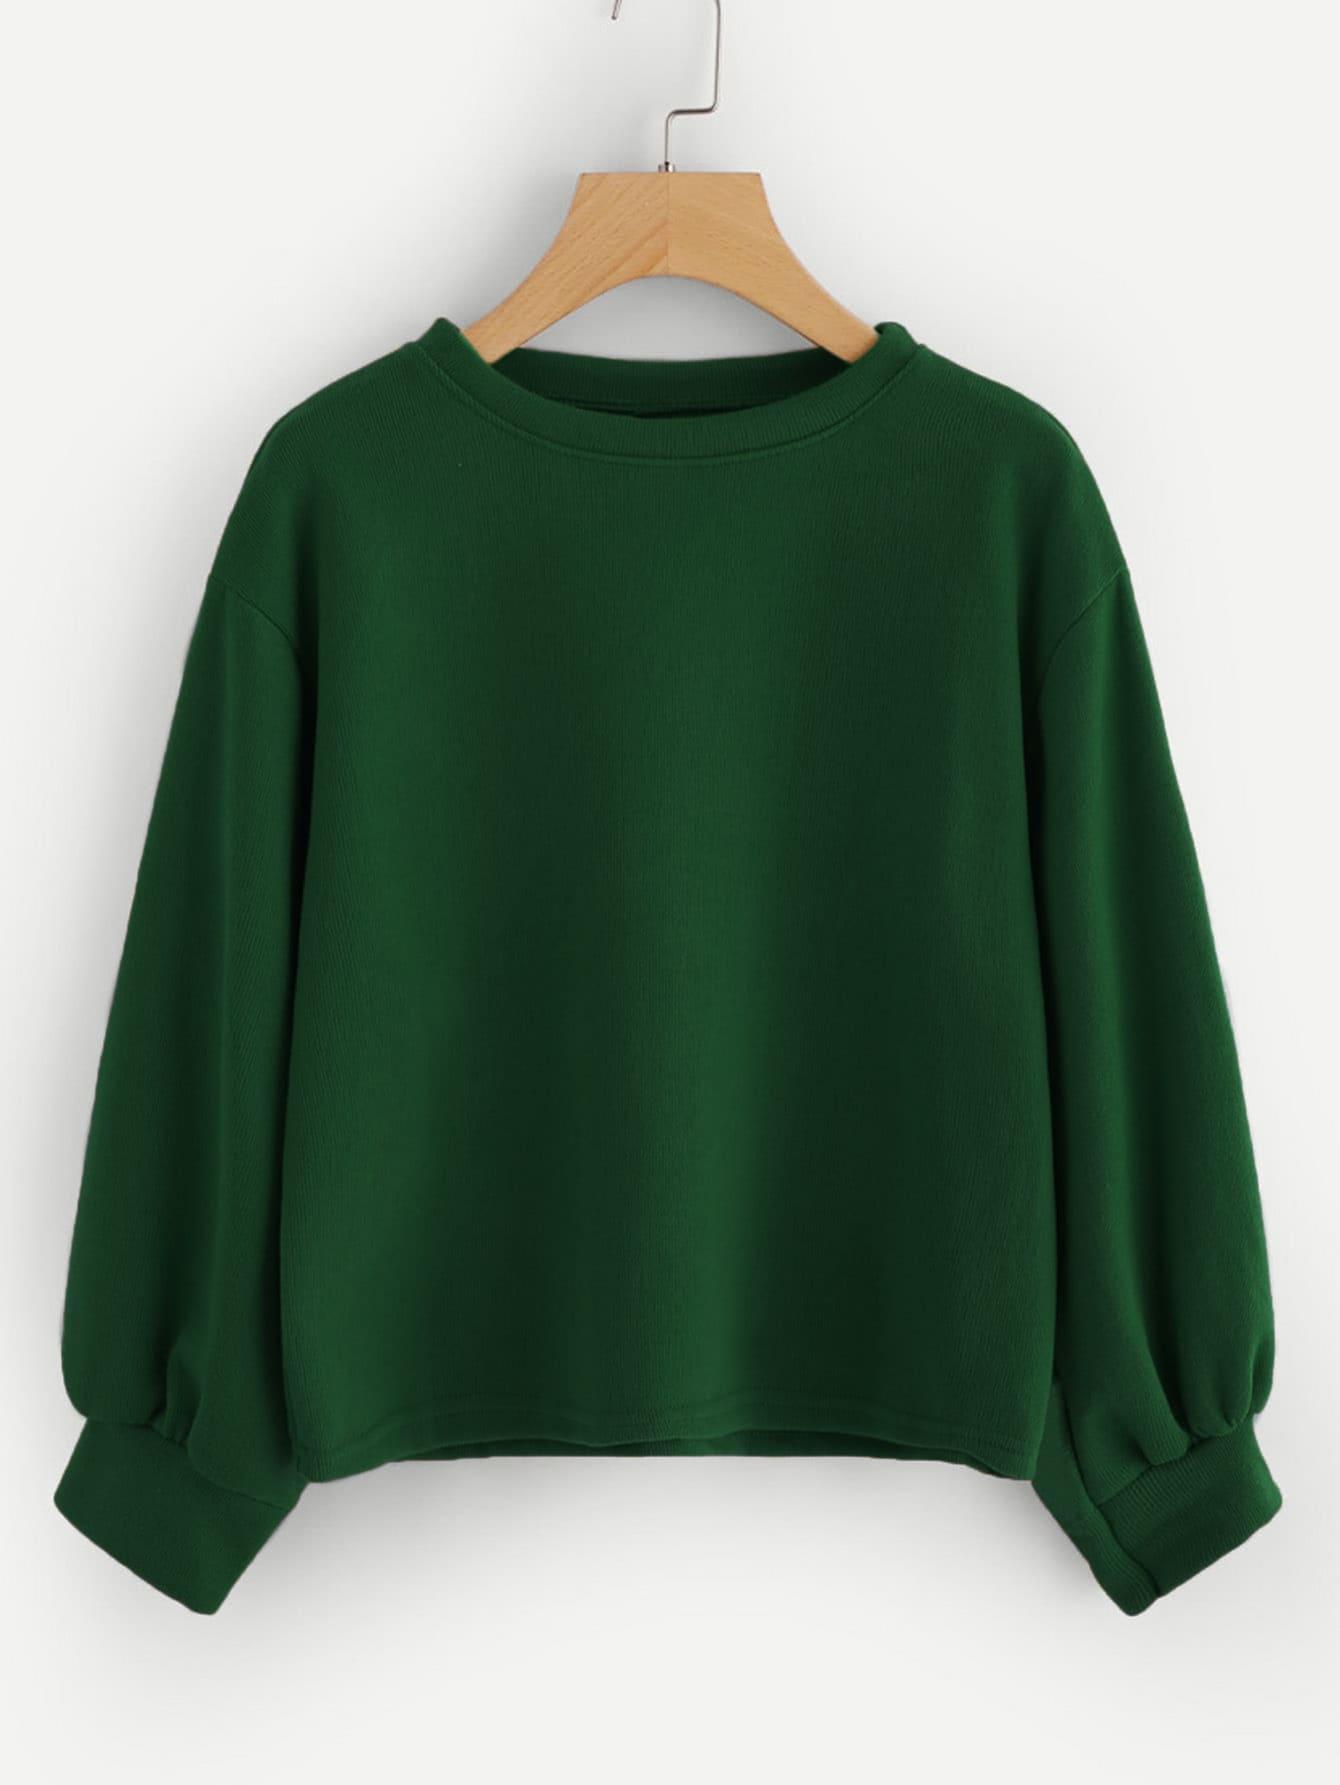 Купить Зеленый Ровный цвет Повседневный Свитшоты, null, SheIn